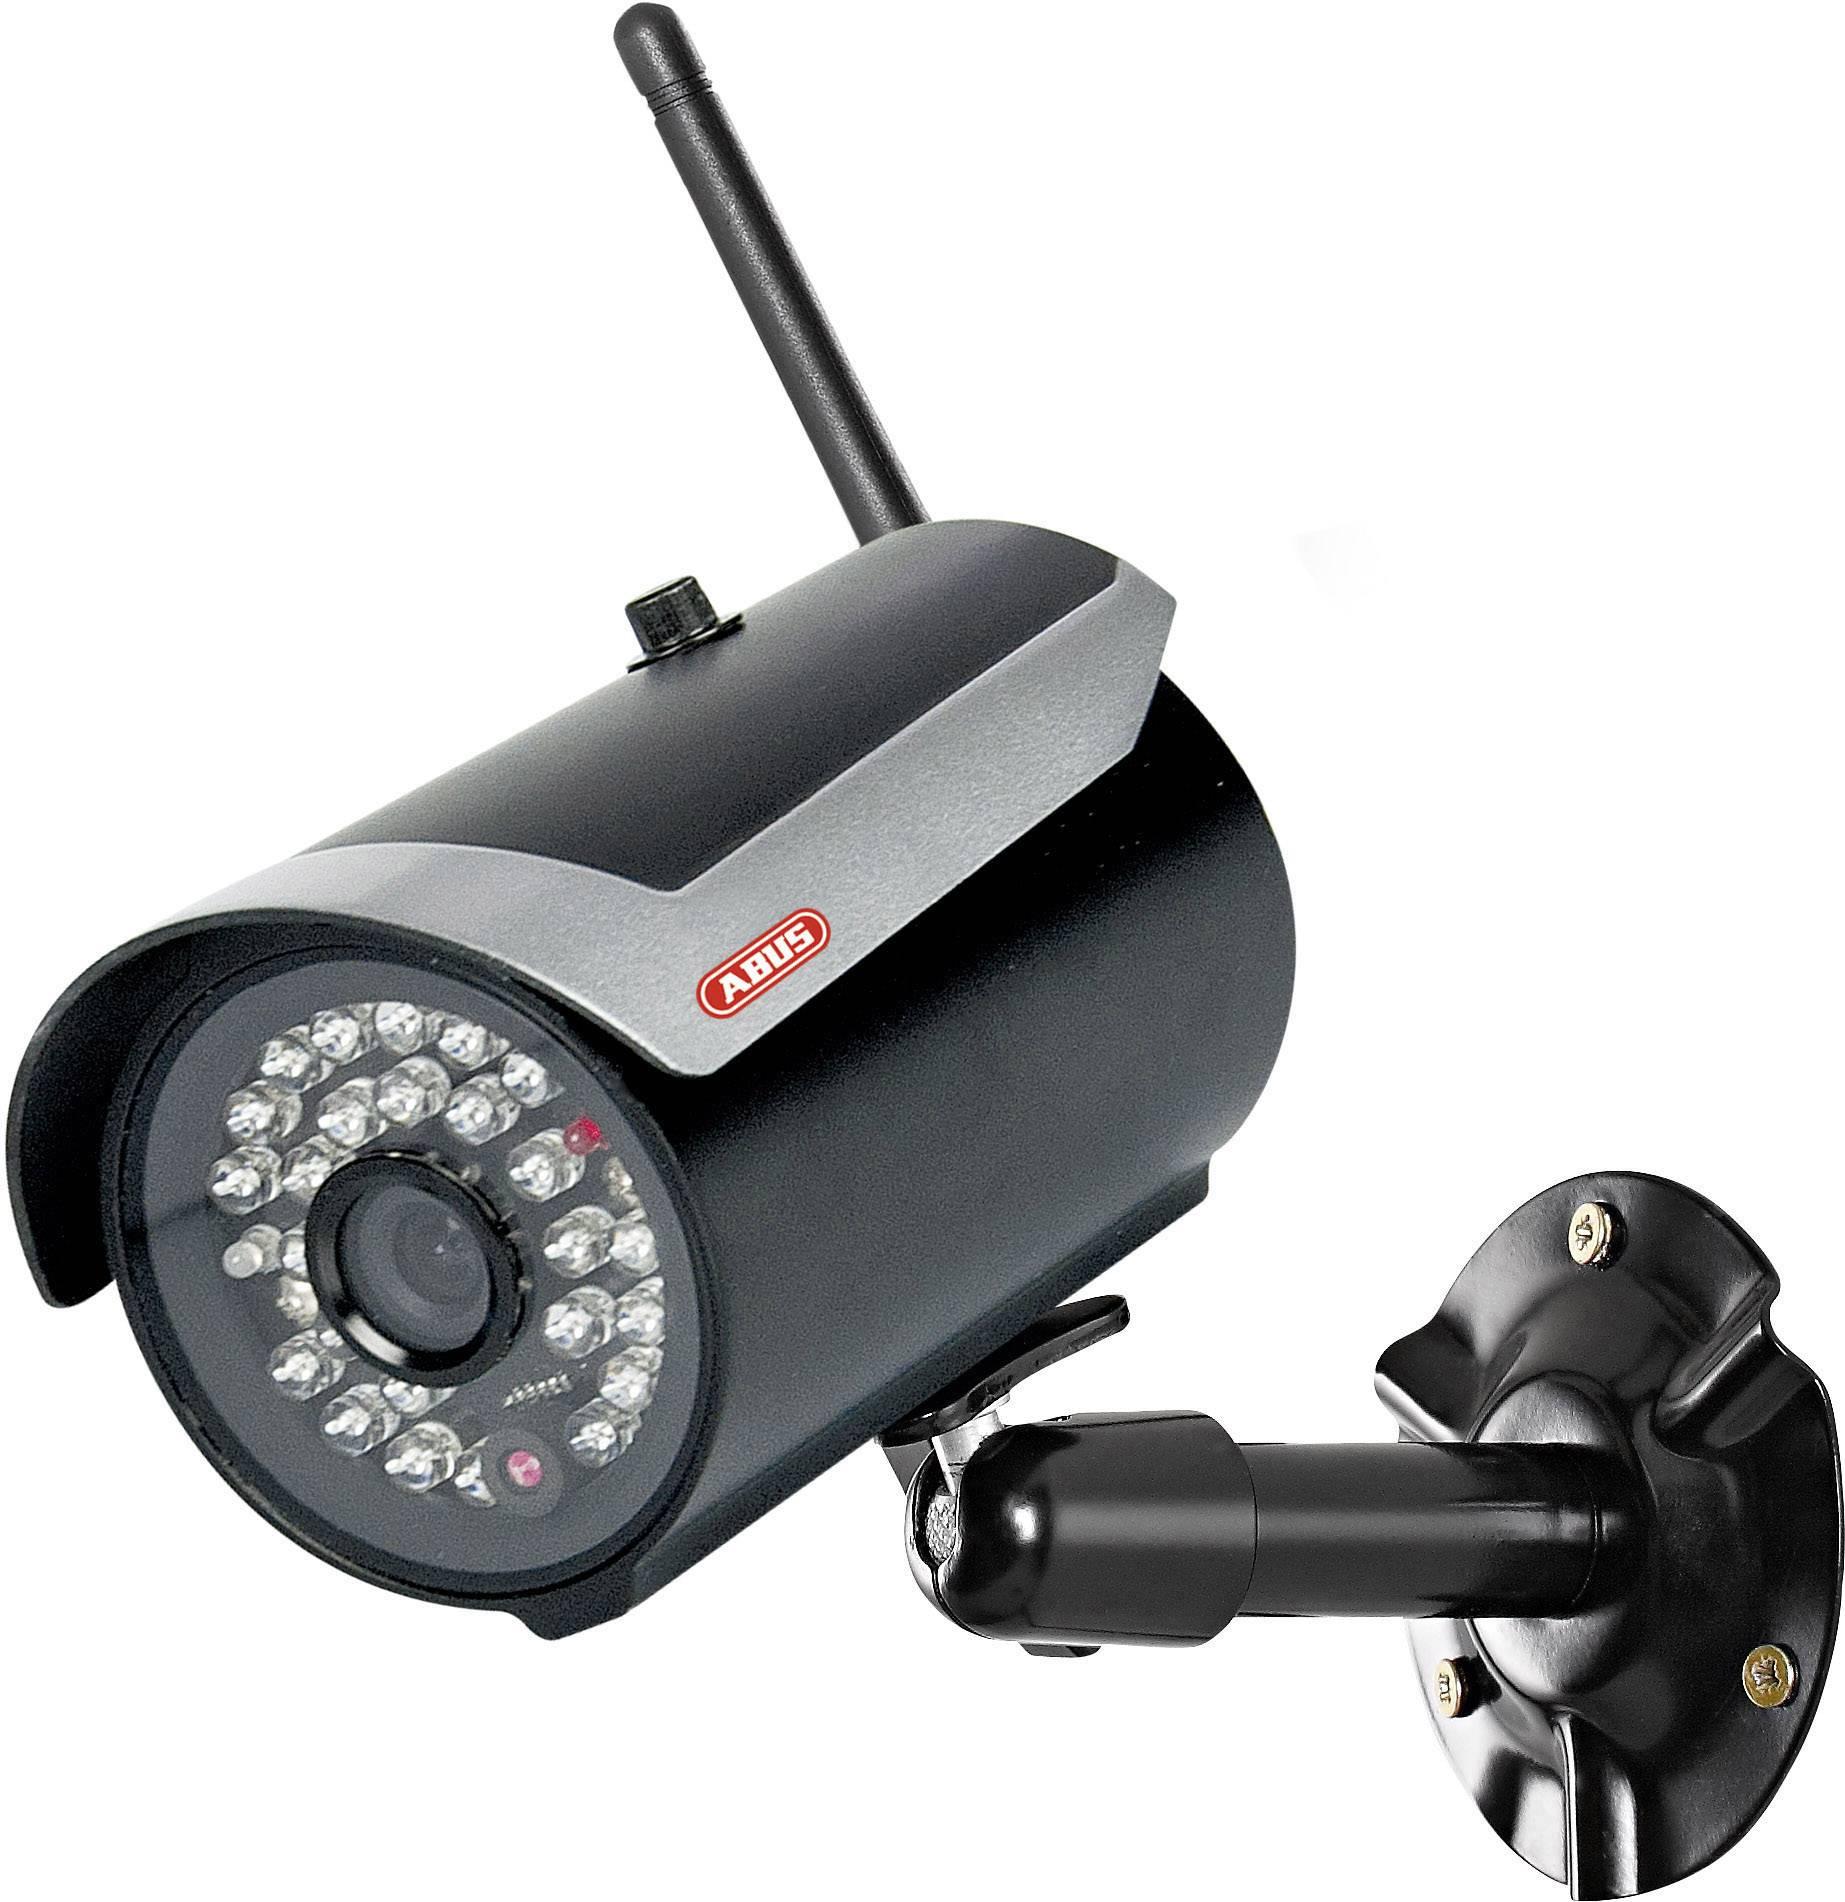 Bezdrôtová vonkajšia kamera 2.4 GHz pre ABUS TVAC16010A, 640 x 480 px